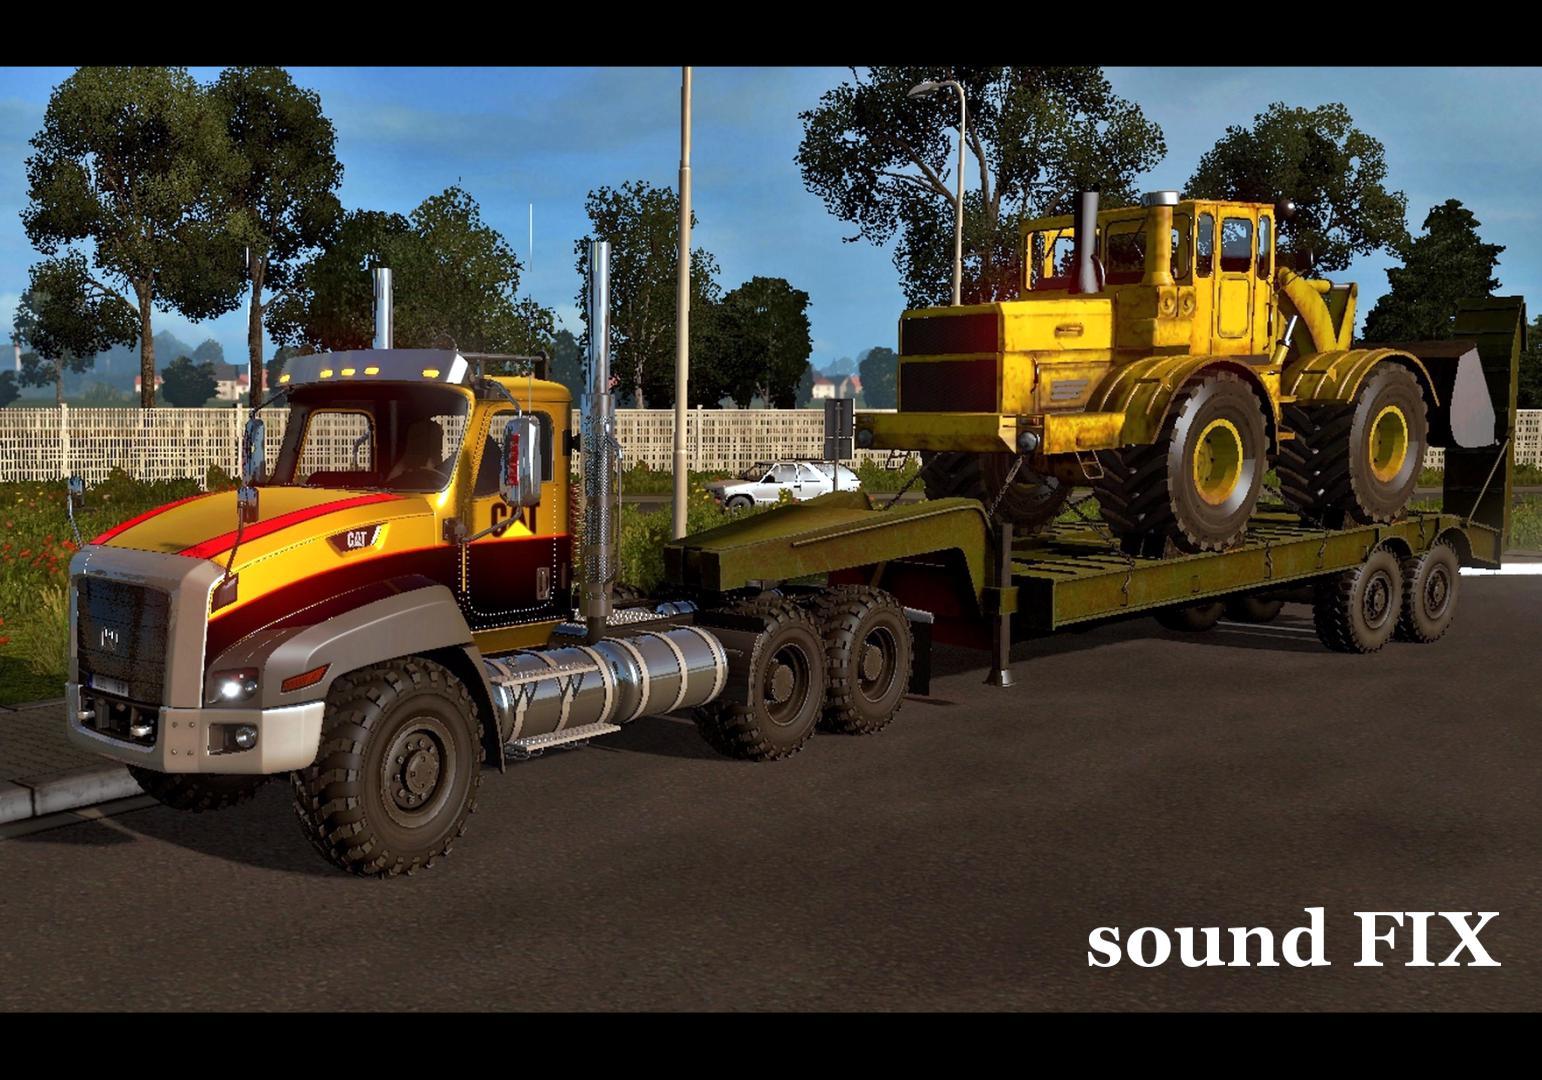 ATS - Caterpillar CT660 Sound Fix Mod (1.38.x)